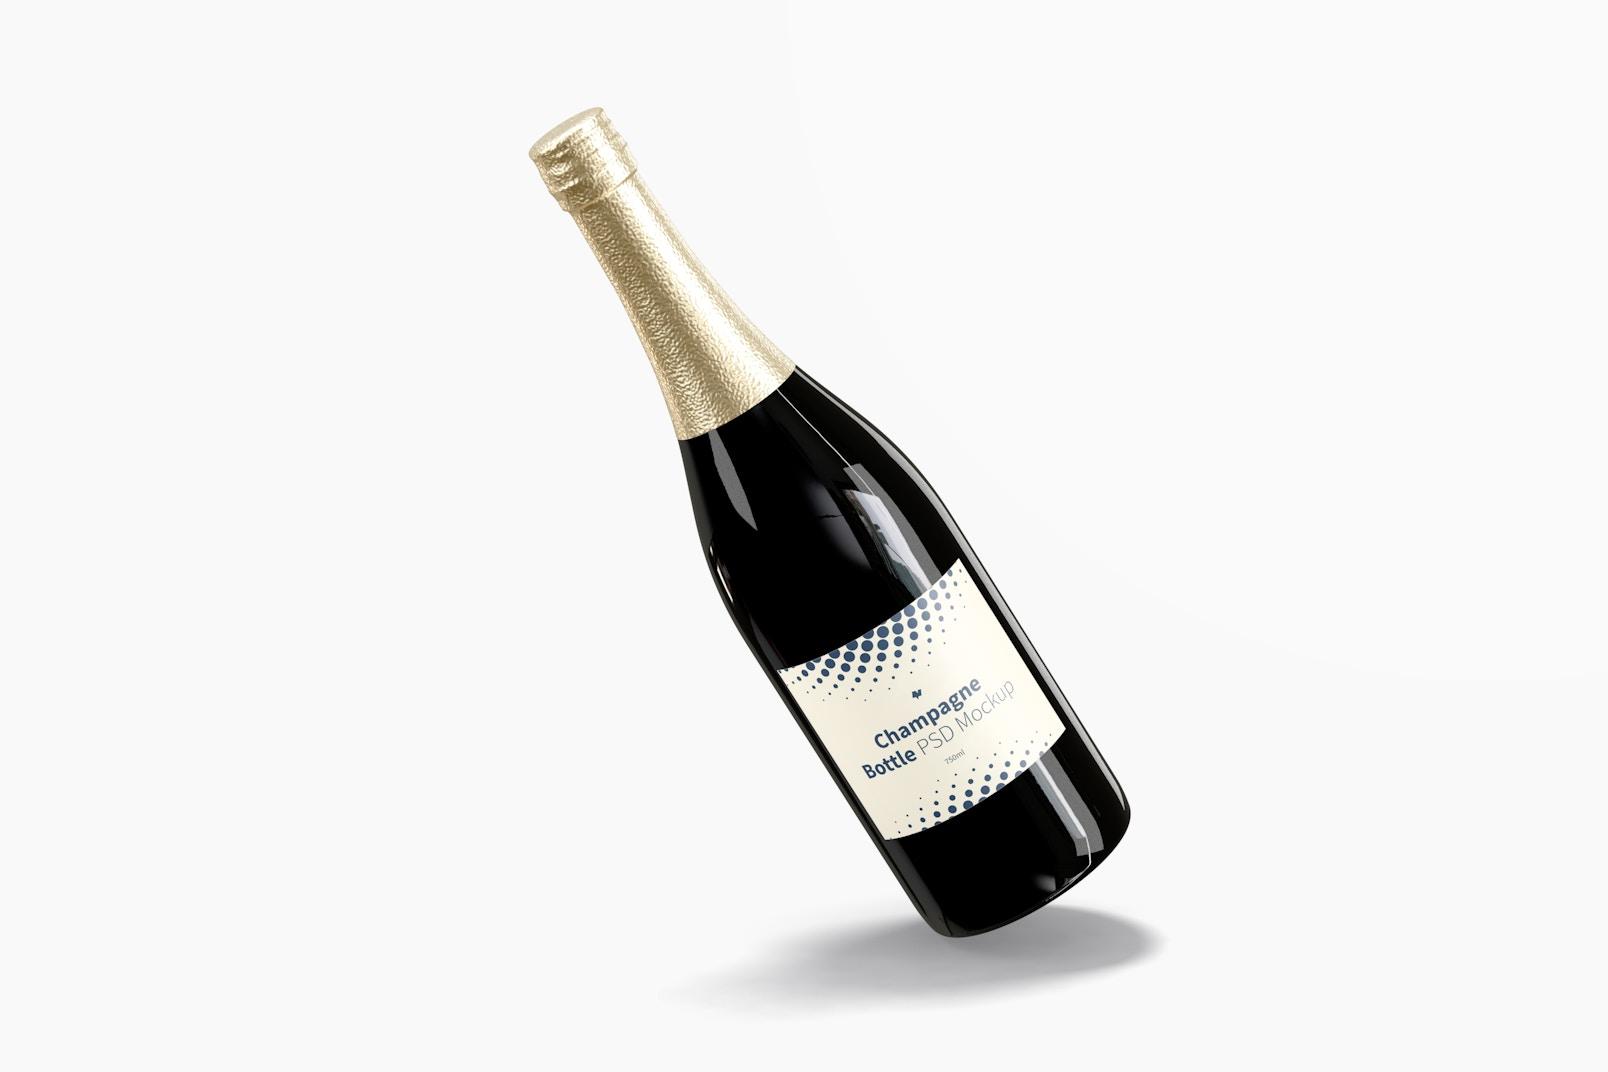 Champagne Bottle Mockup, Leaned